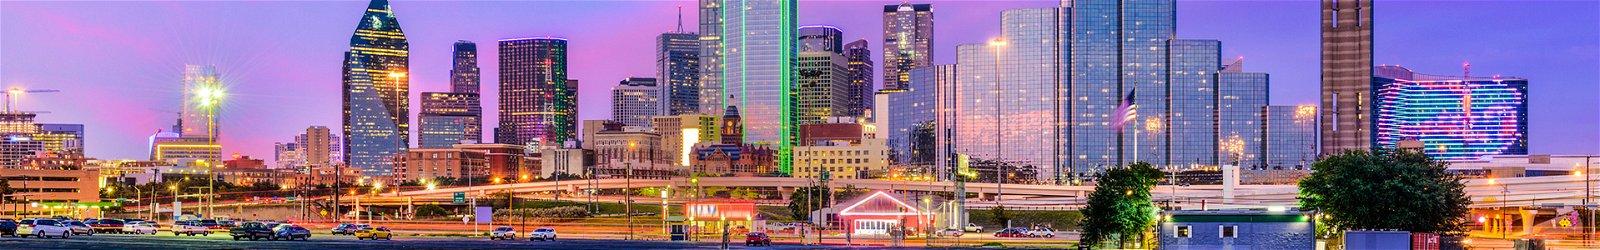 Viajes a Texas desde México 2021